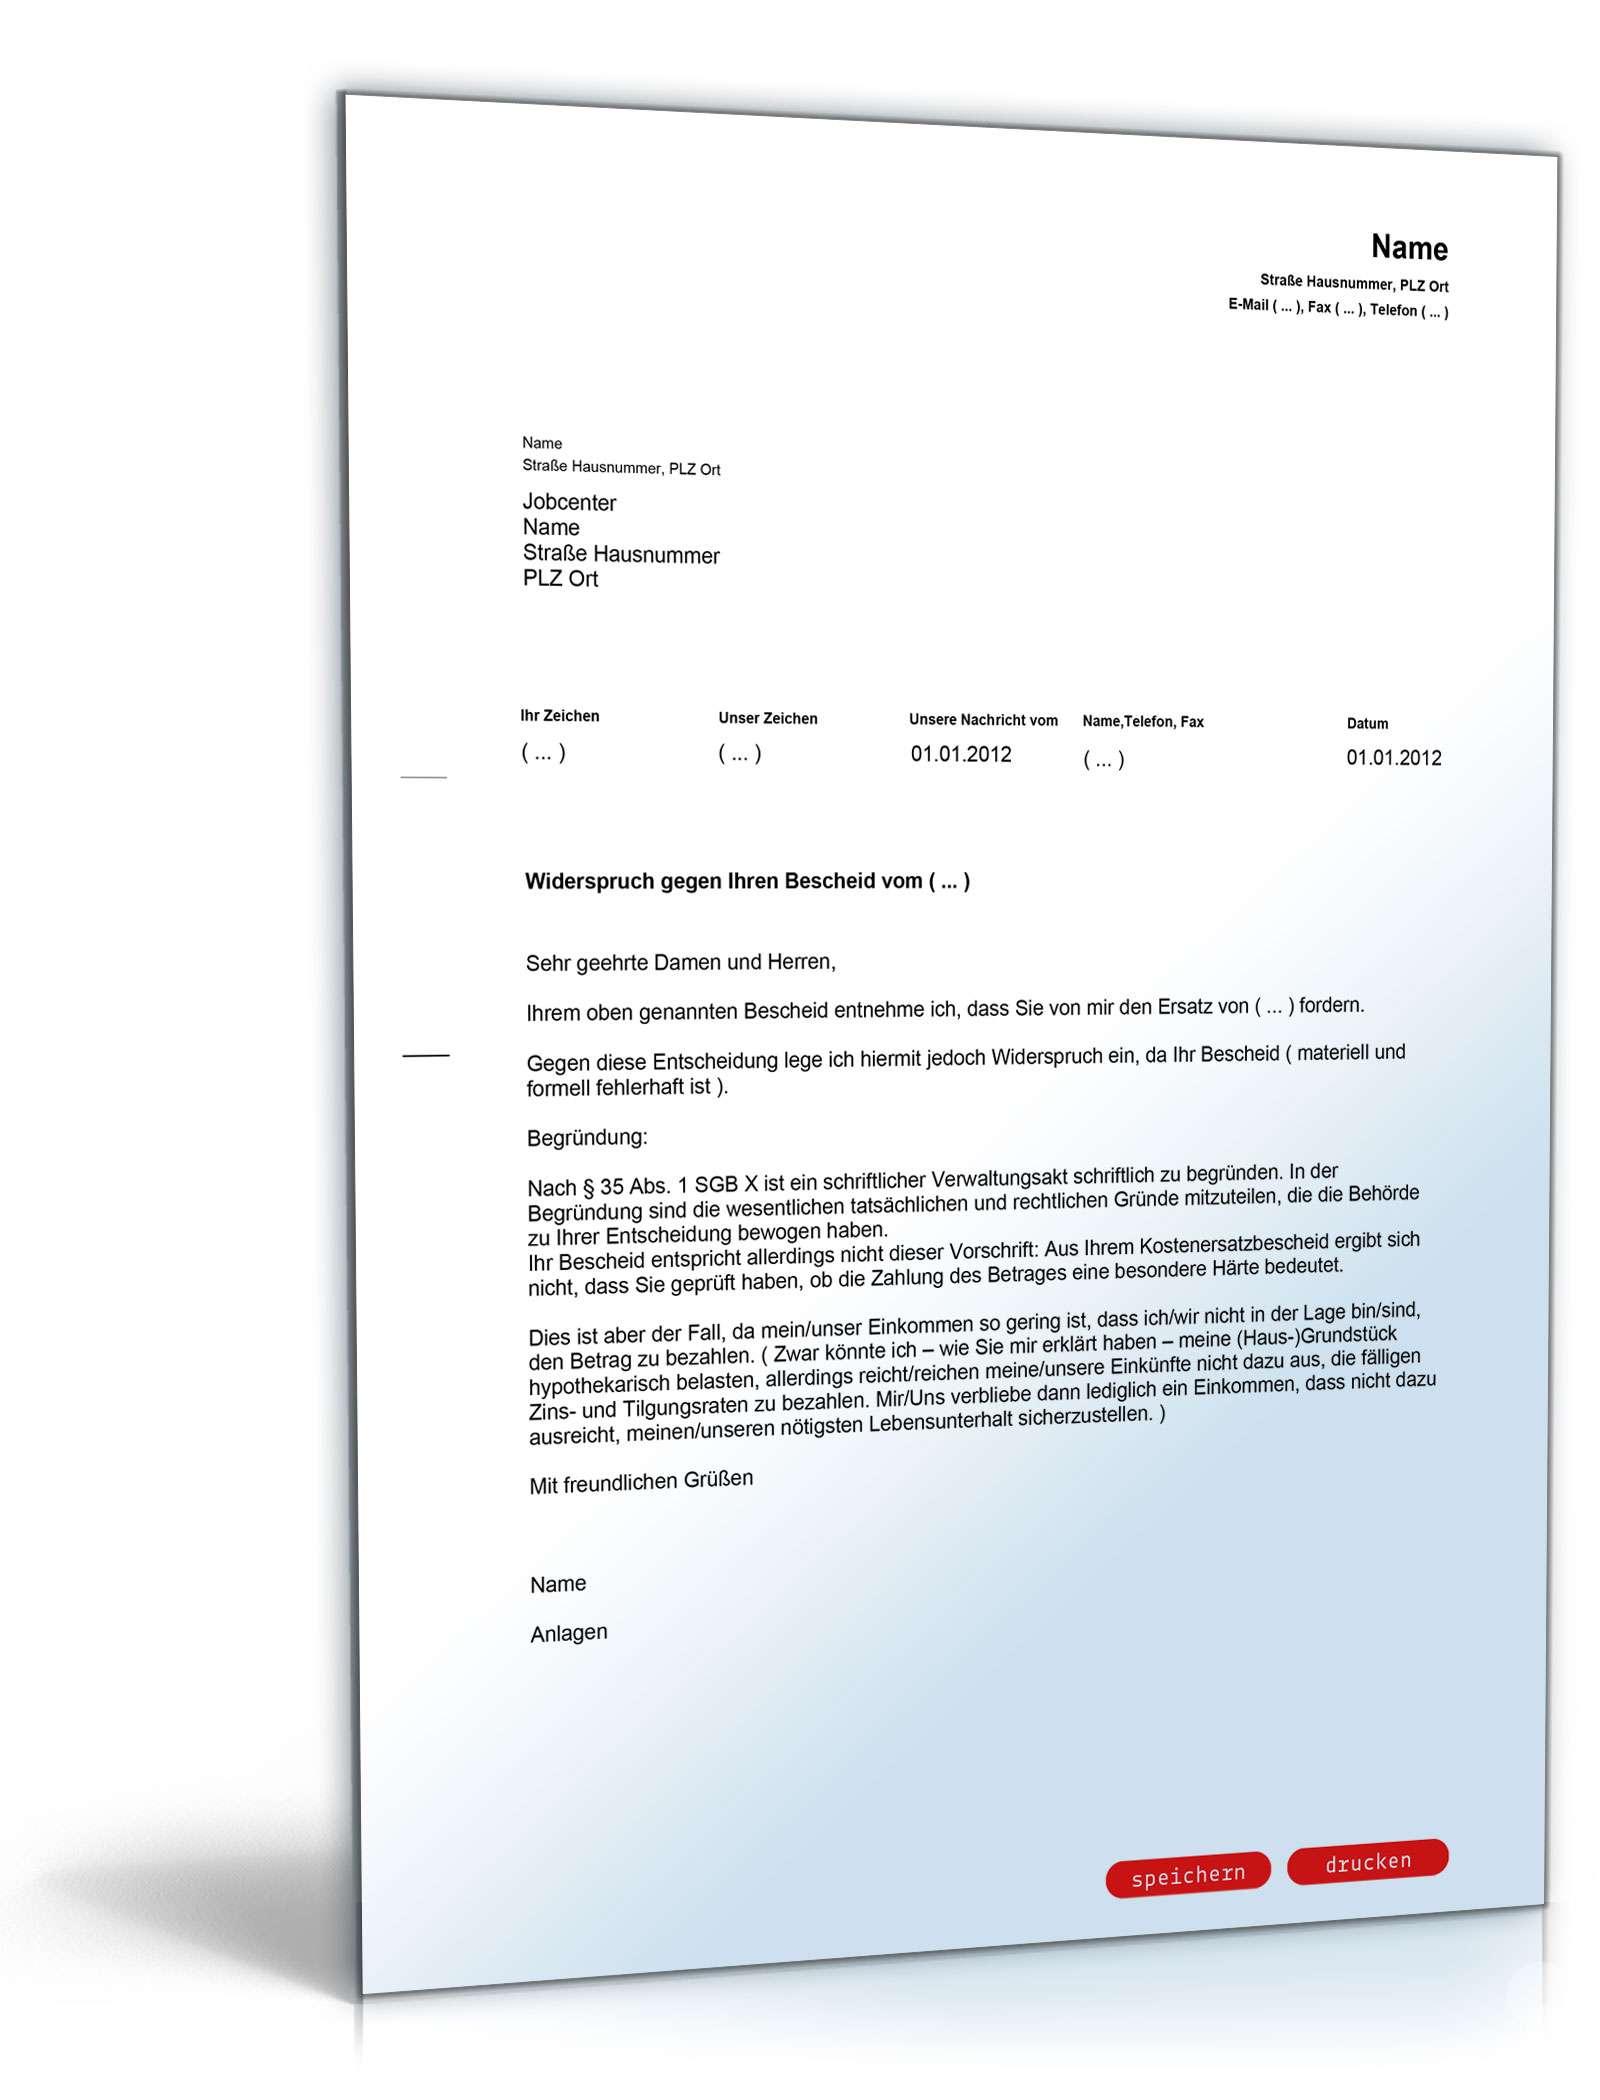 widerspruch rckzahlung alg ii besonderer hrtefall - Widerspruch Jobcenter Ruckzahlung Muster